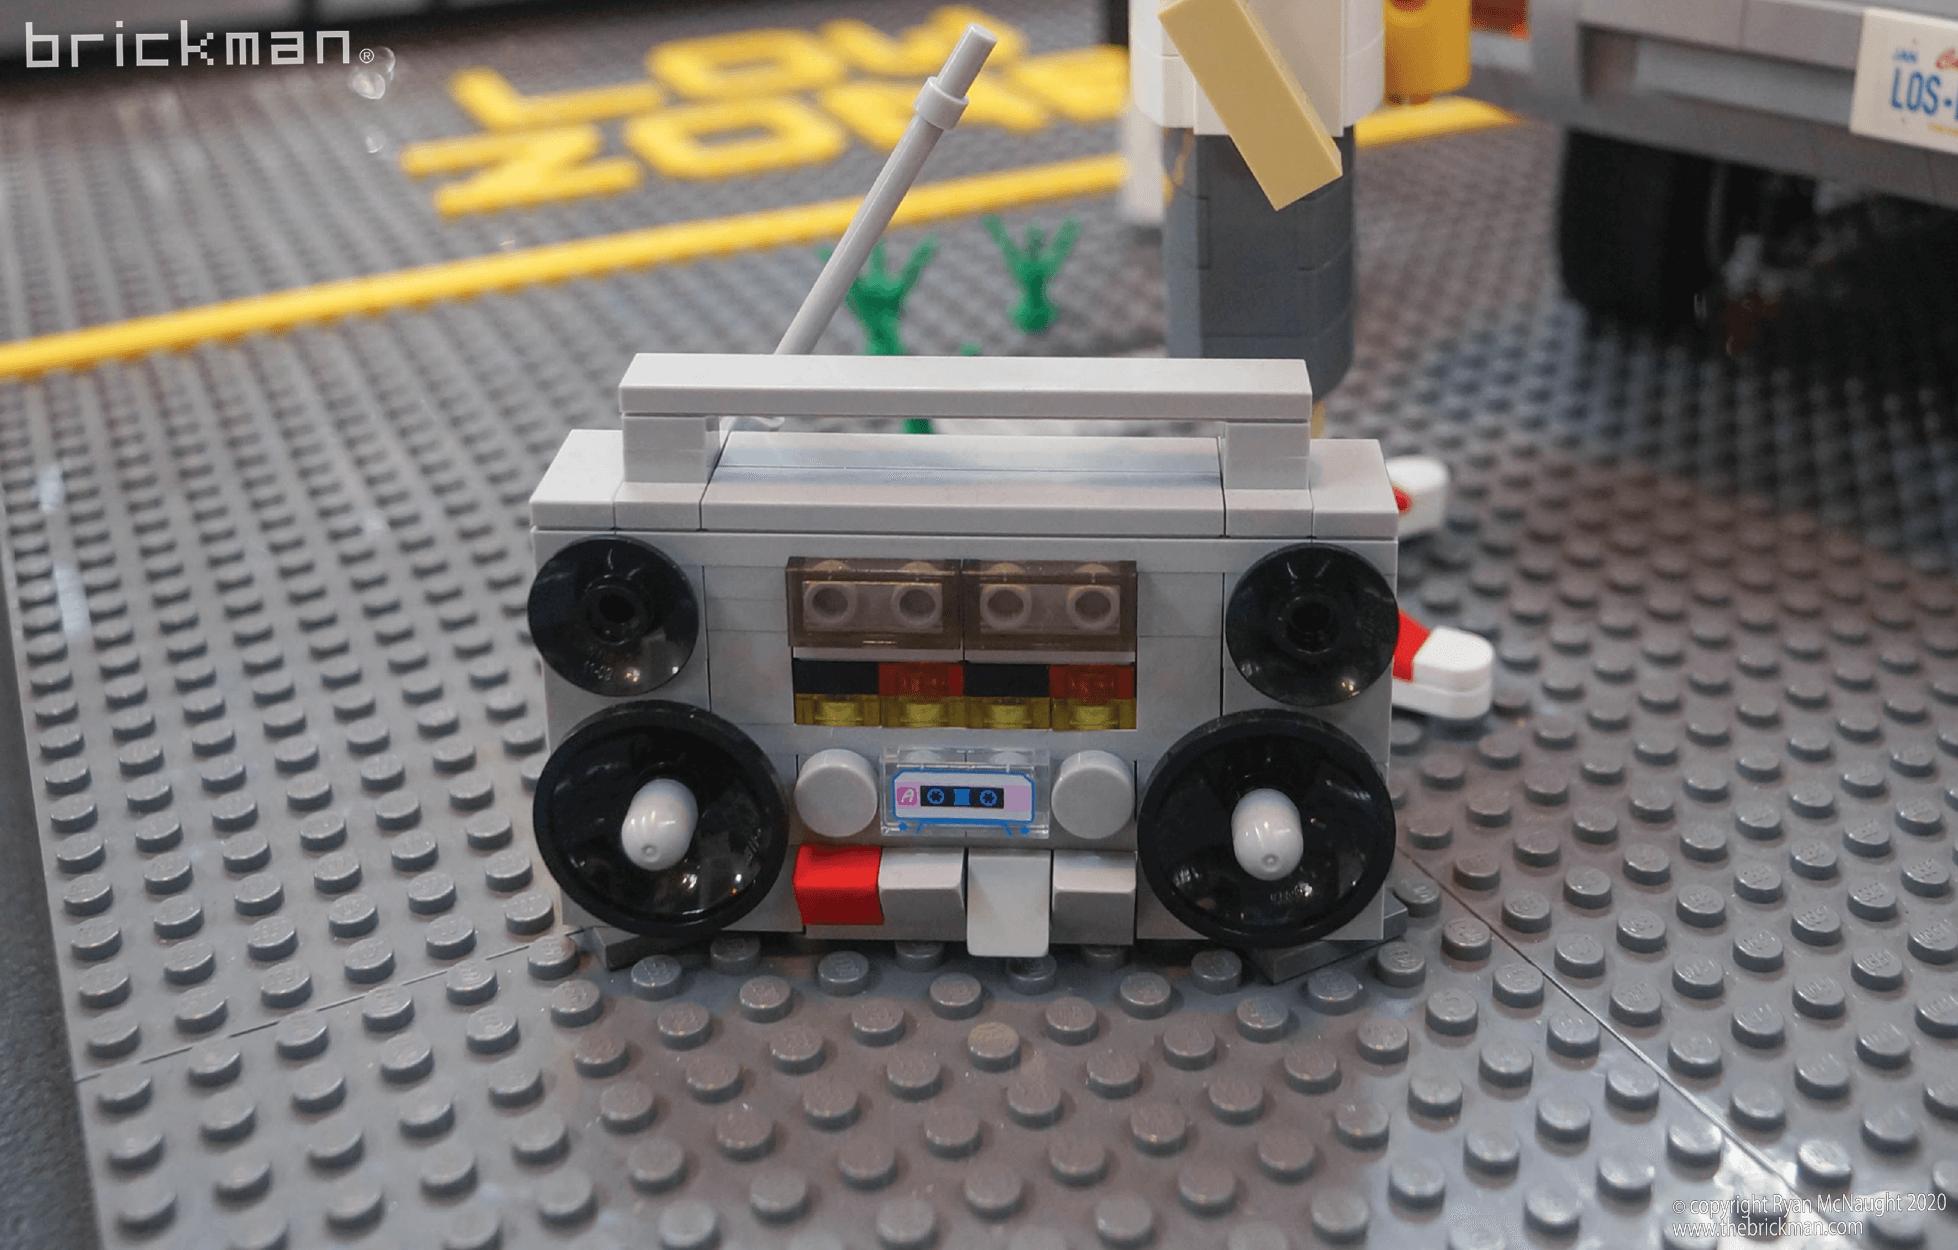 Los Brickos LEGO brick Lowrider boom box